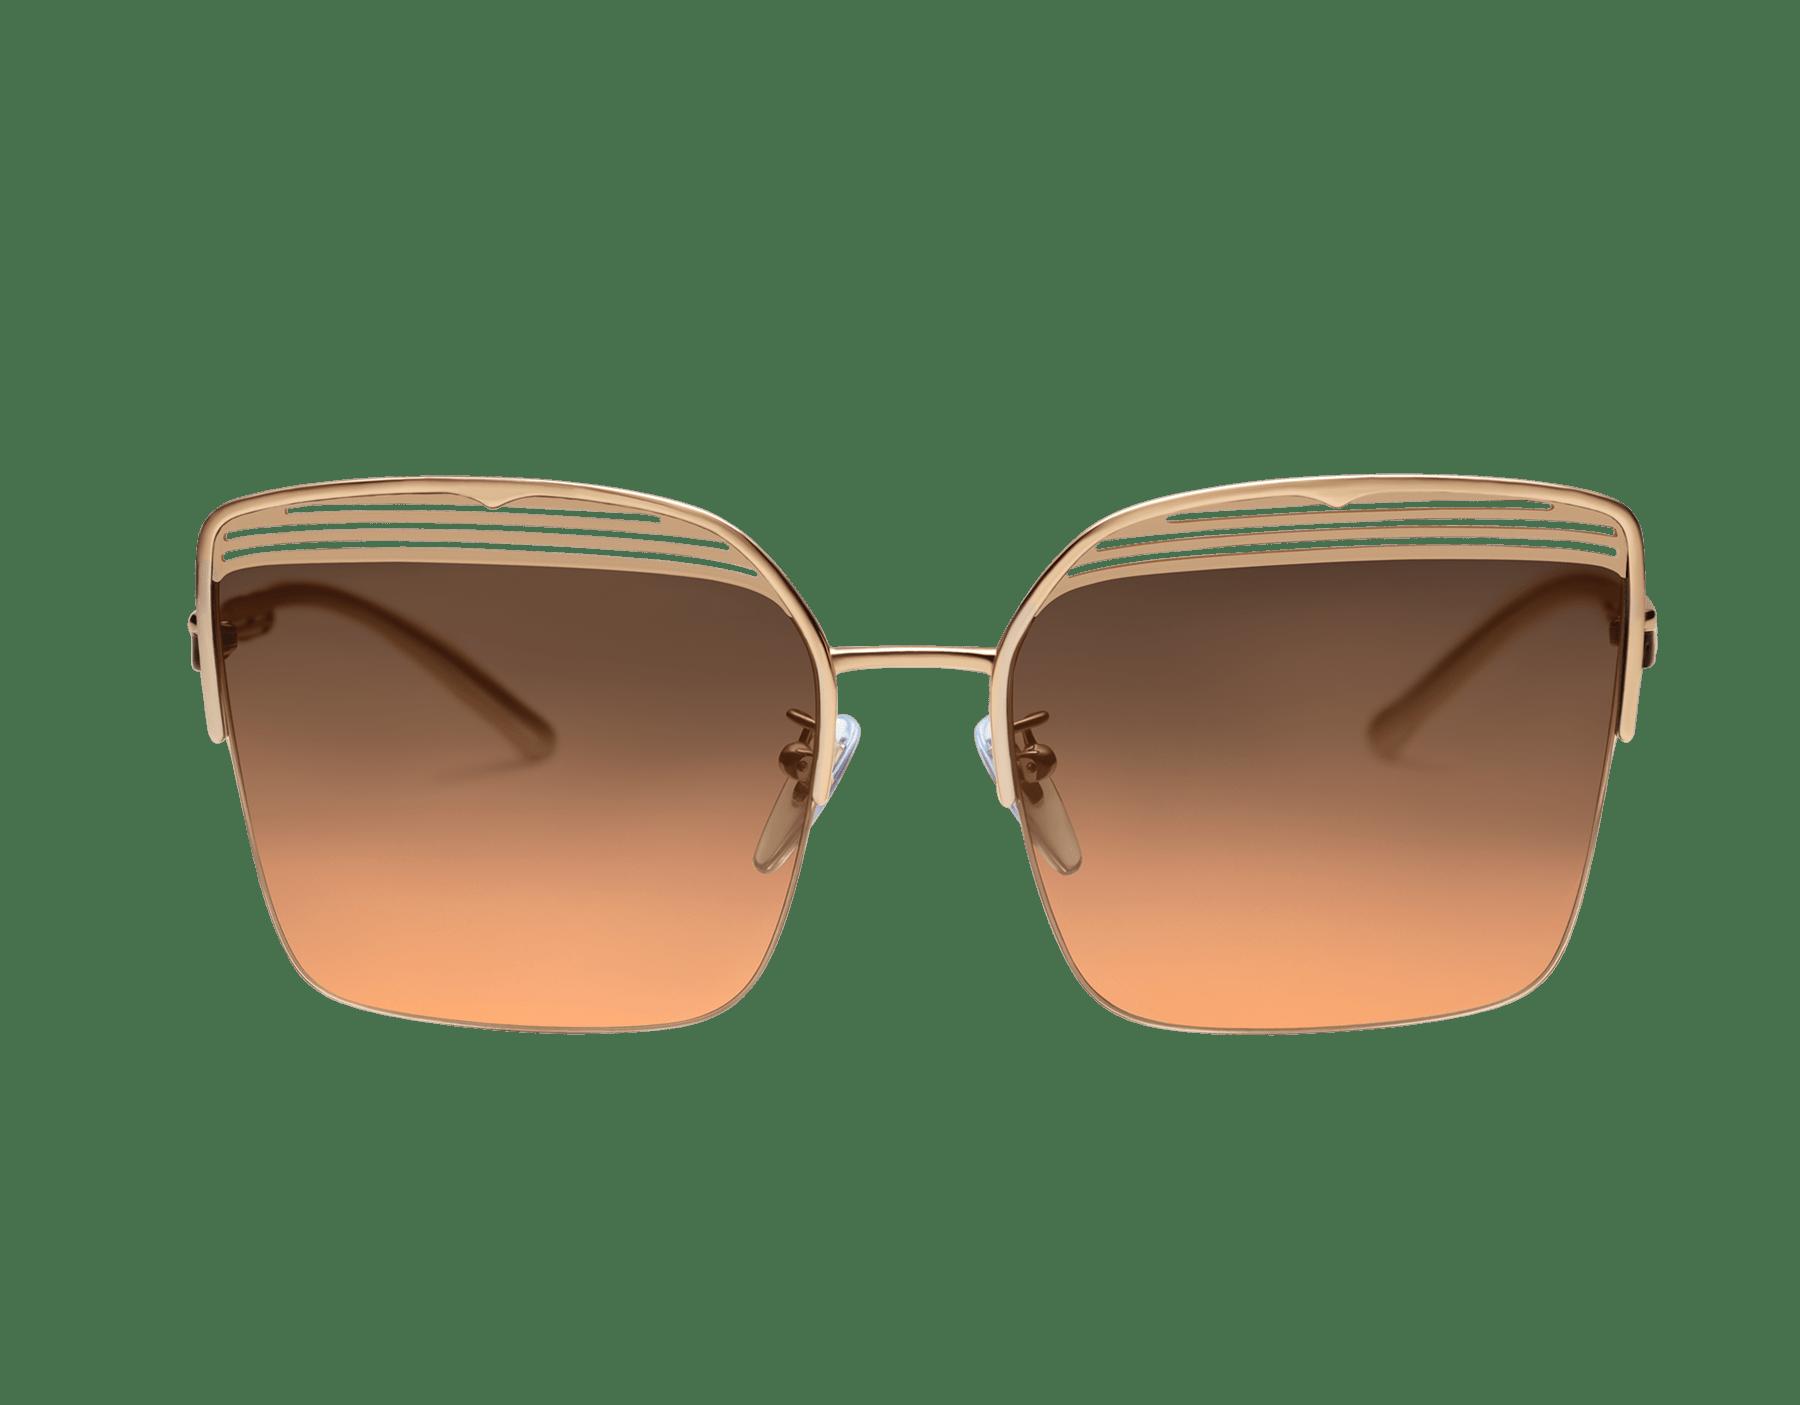 Occhiali da sole Bvlgari B.zero1 B.overvibe con montatura semicerchiata in metallo dalla forma squadrata. 903811 image 2